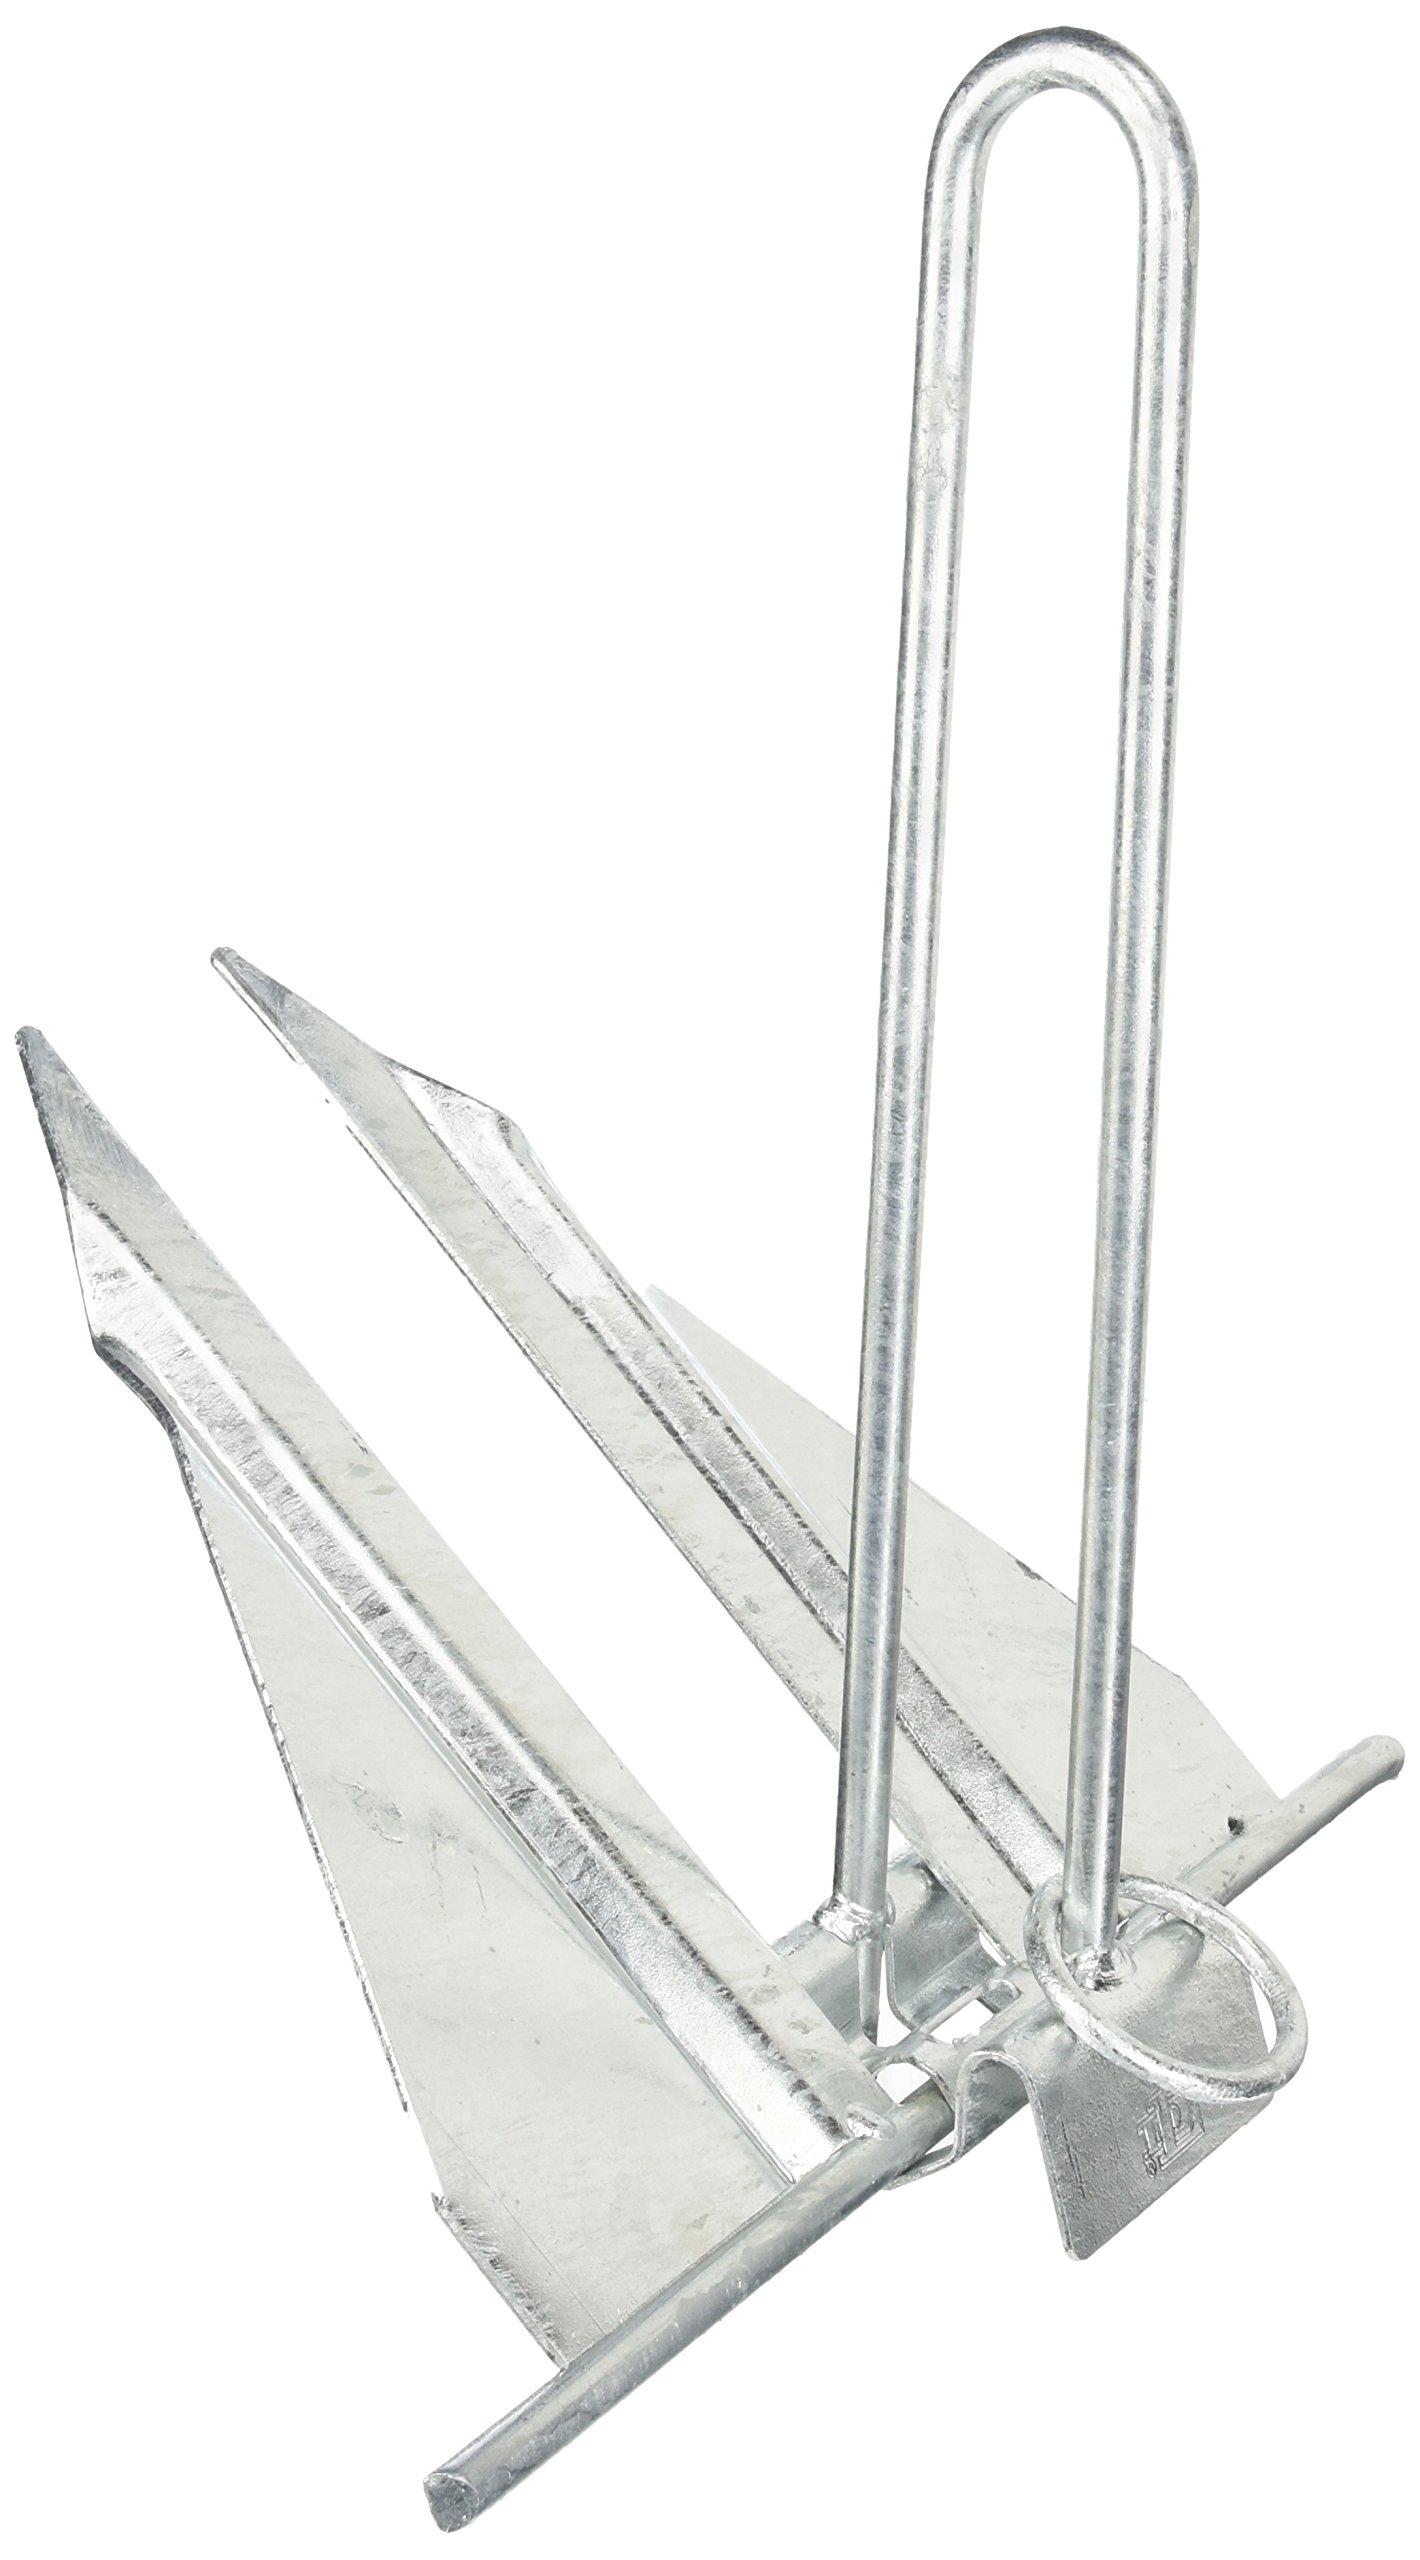 Dutton-Lainson 23613 13E Slip Ring Anchor by Dutton-Lainson Company